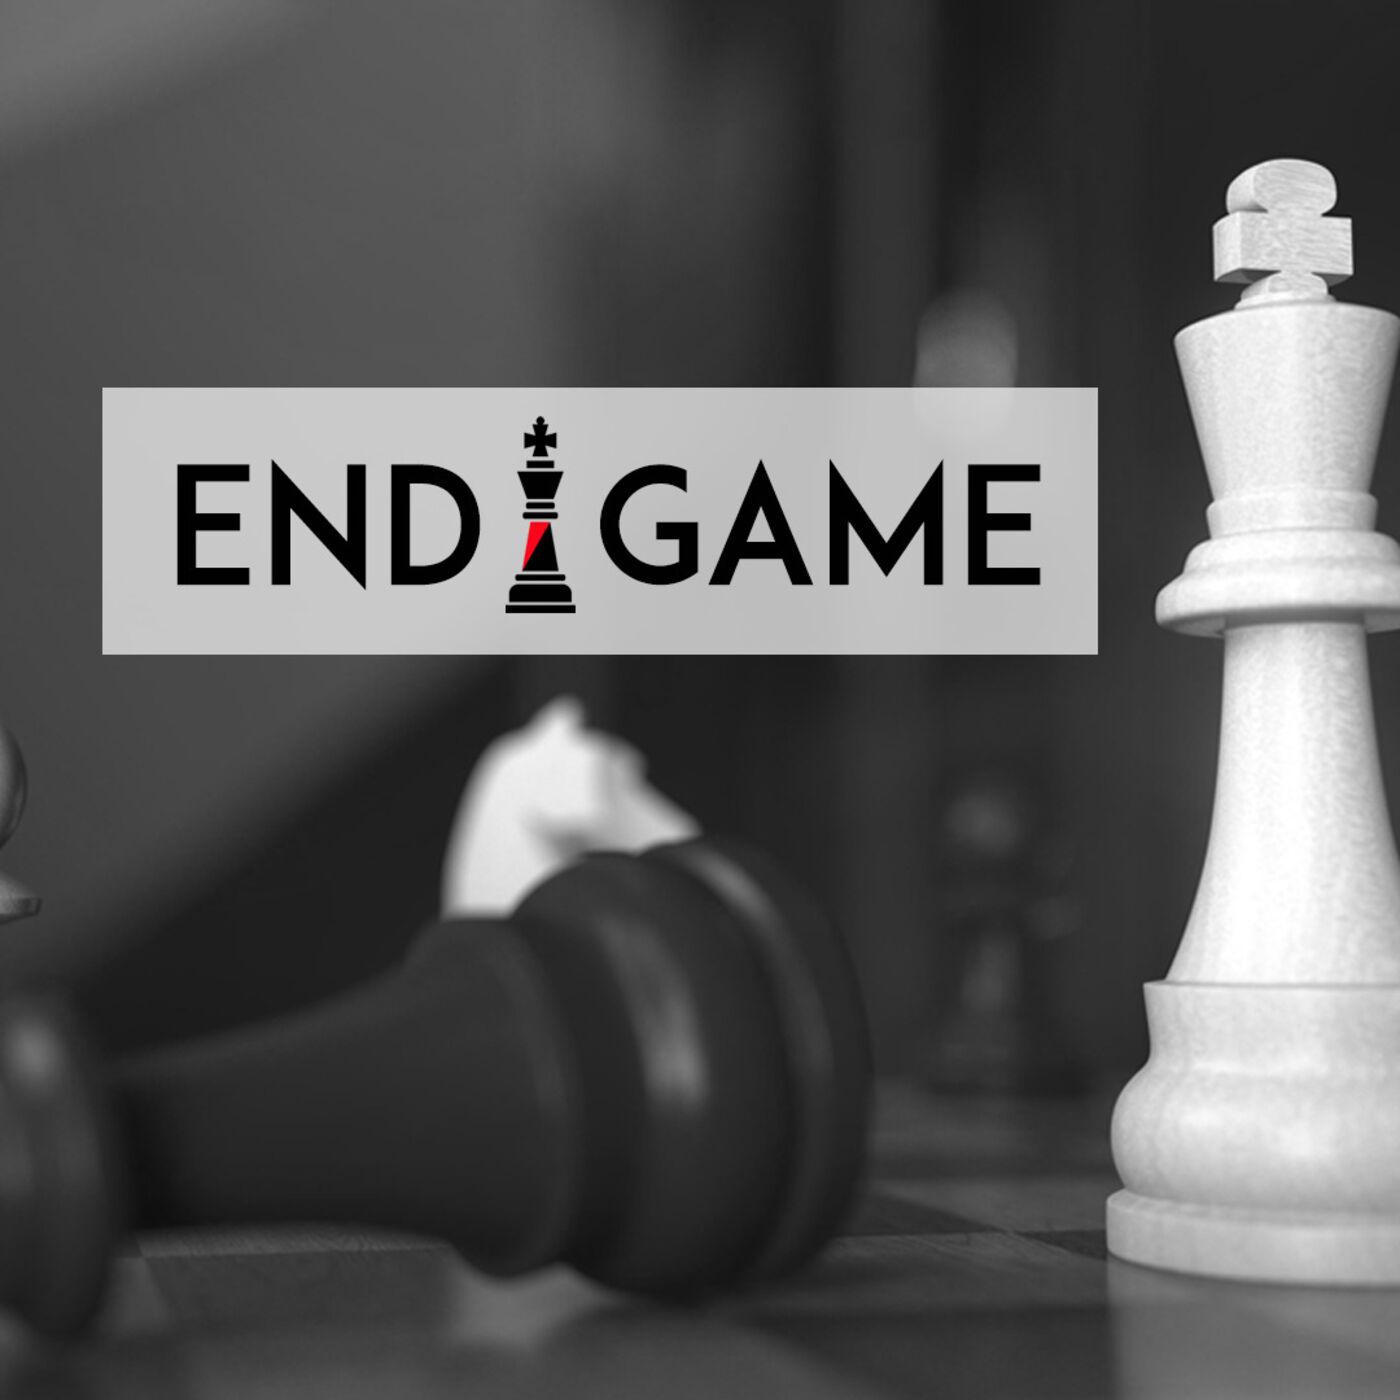 Endgame - Week 1